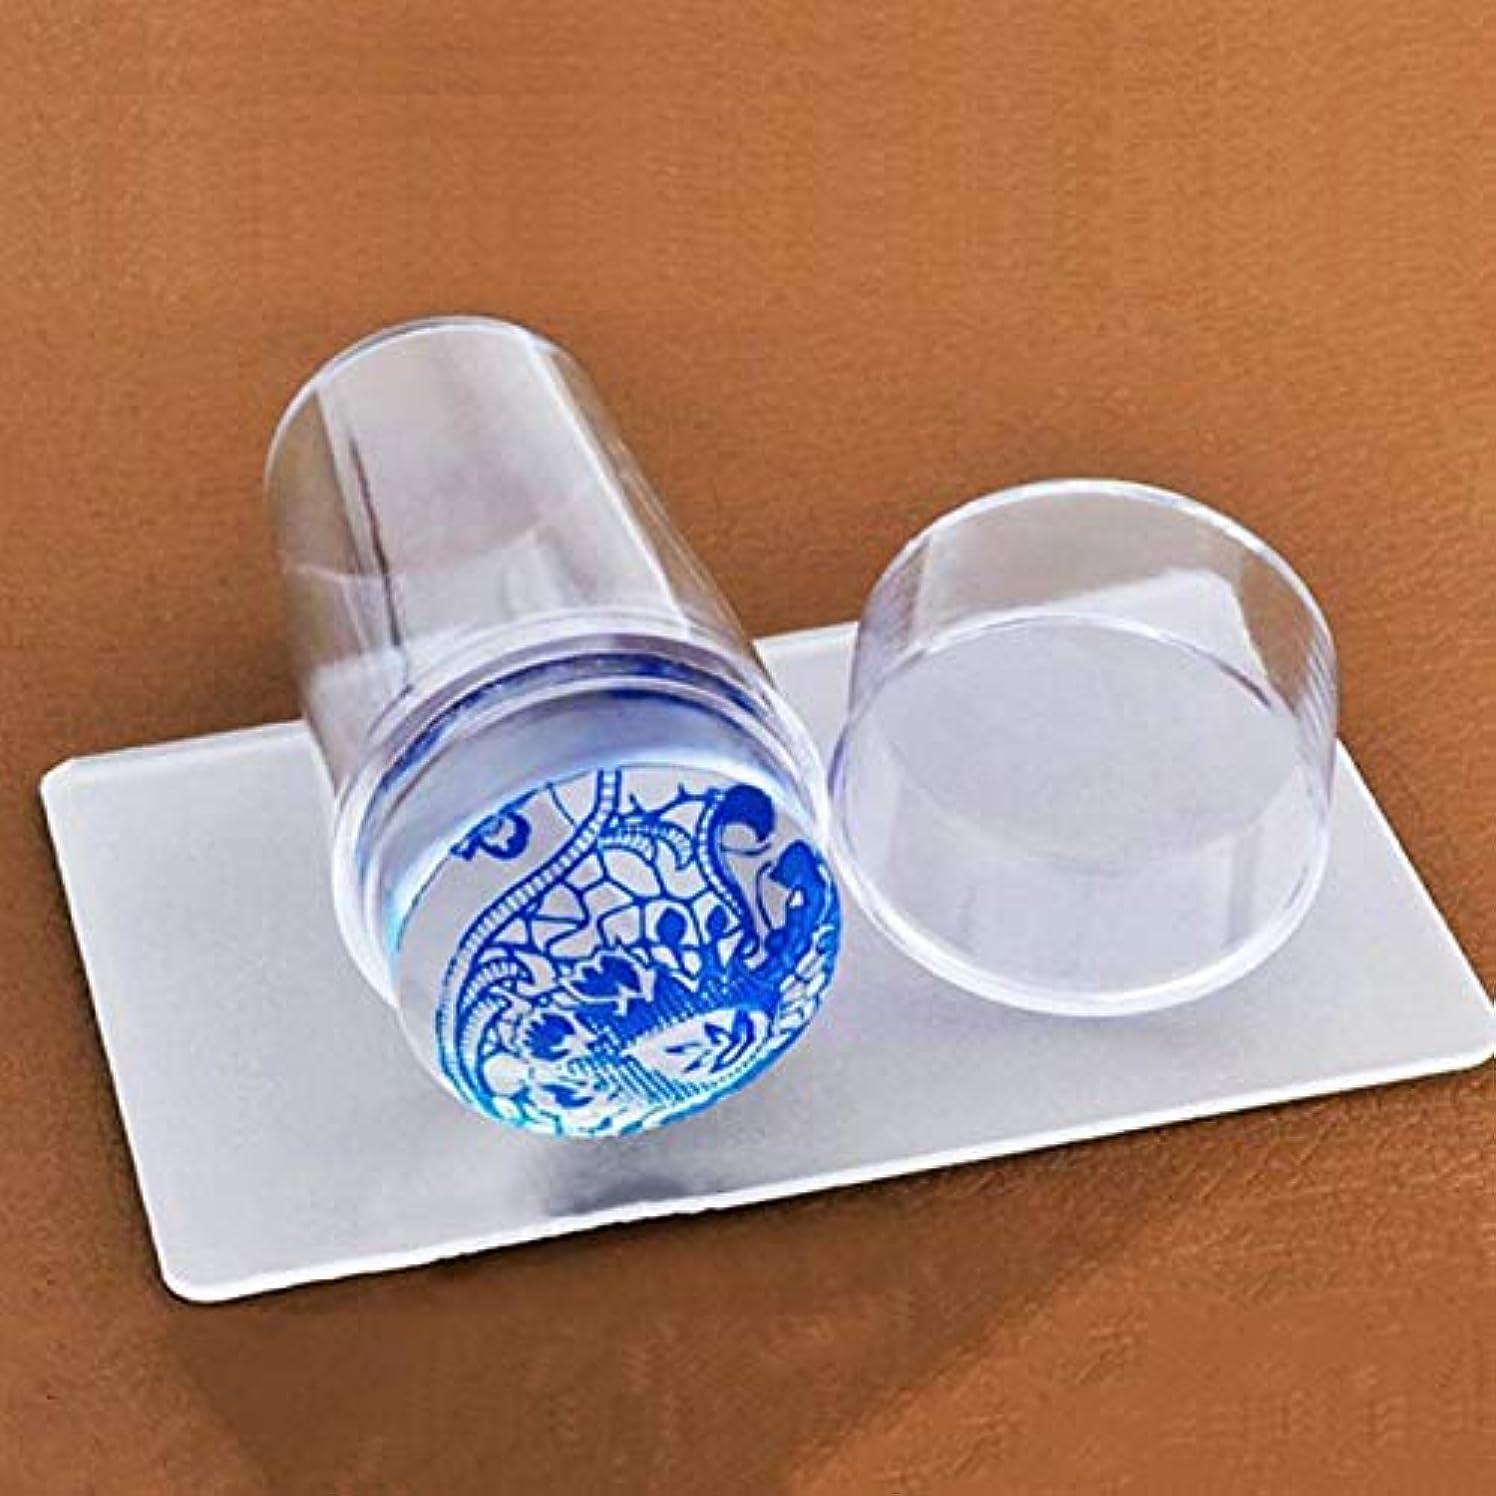 差別的司令官サミュエルOU-Kunmlef 甘い透明なゼリーシリコーンネイルアートスタンパースクレーパーキャップ透明2.8 cm(None color)